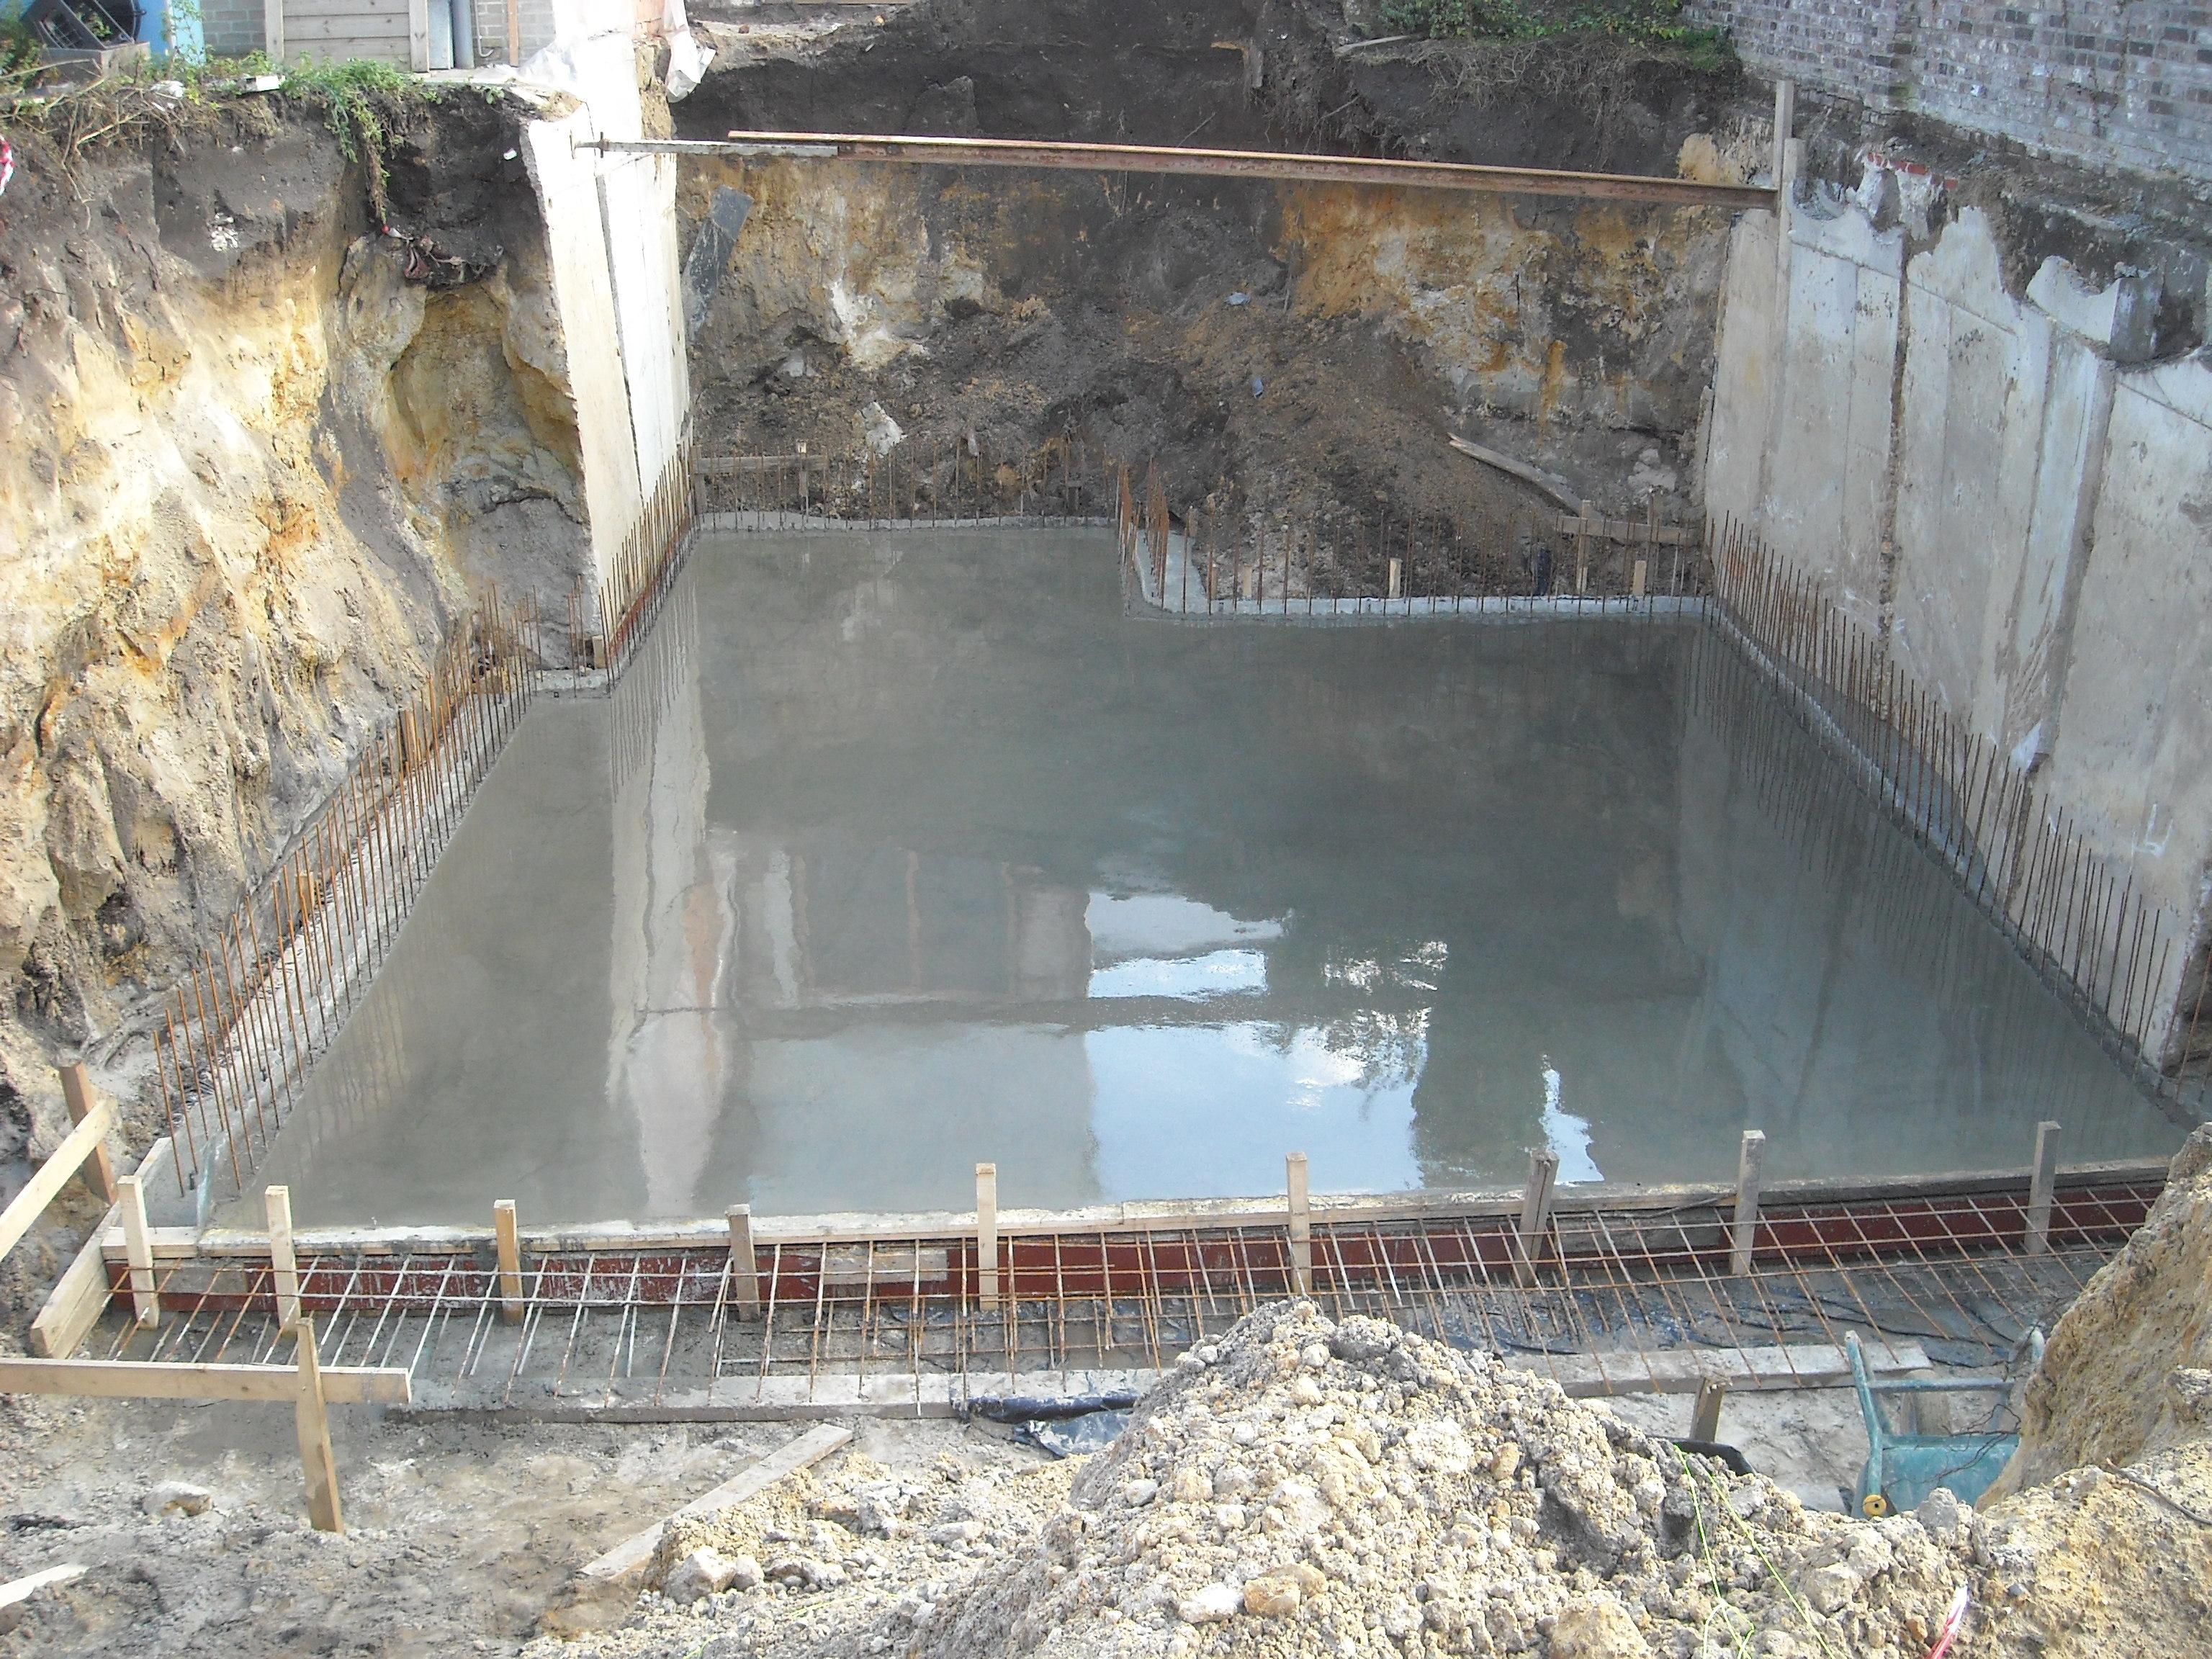 Badkamer Vloer Storten : Vloer storten perfect project woudenberg betonvloer design with